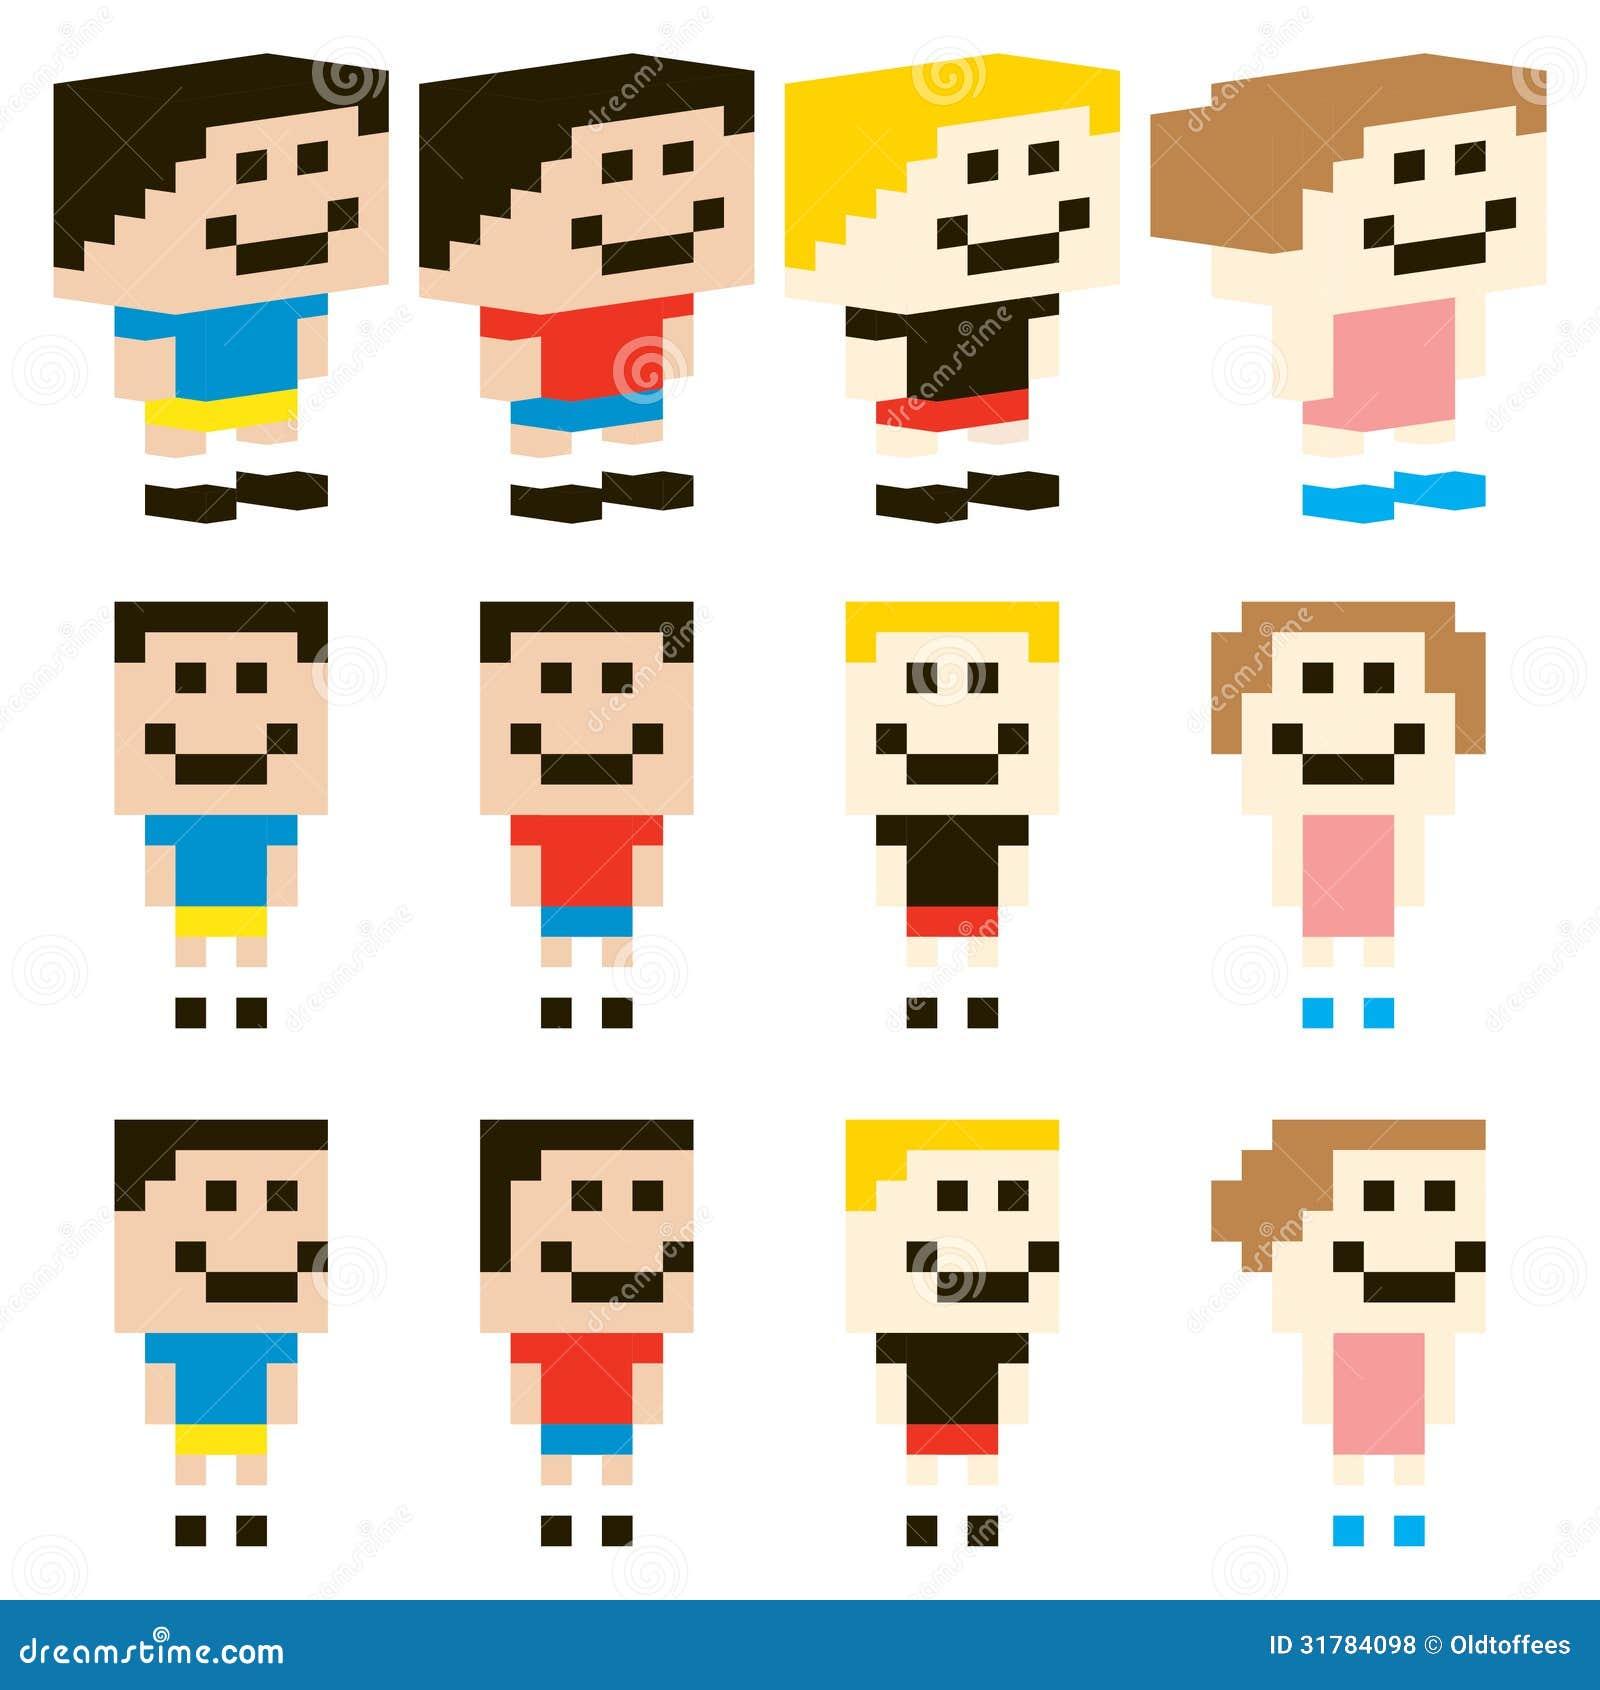 Character Design Pixel Art : Pixel art kids character design do vetor fotos de stock